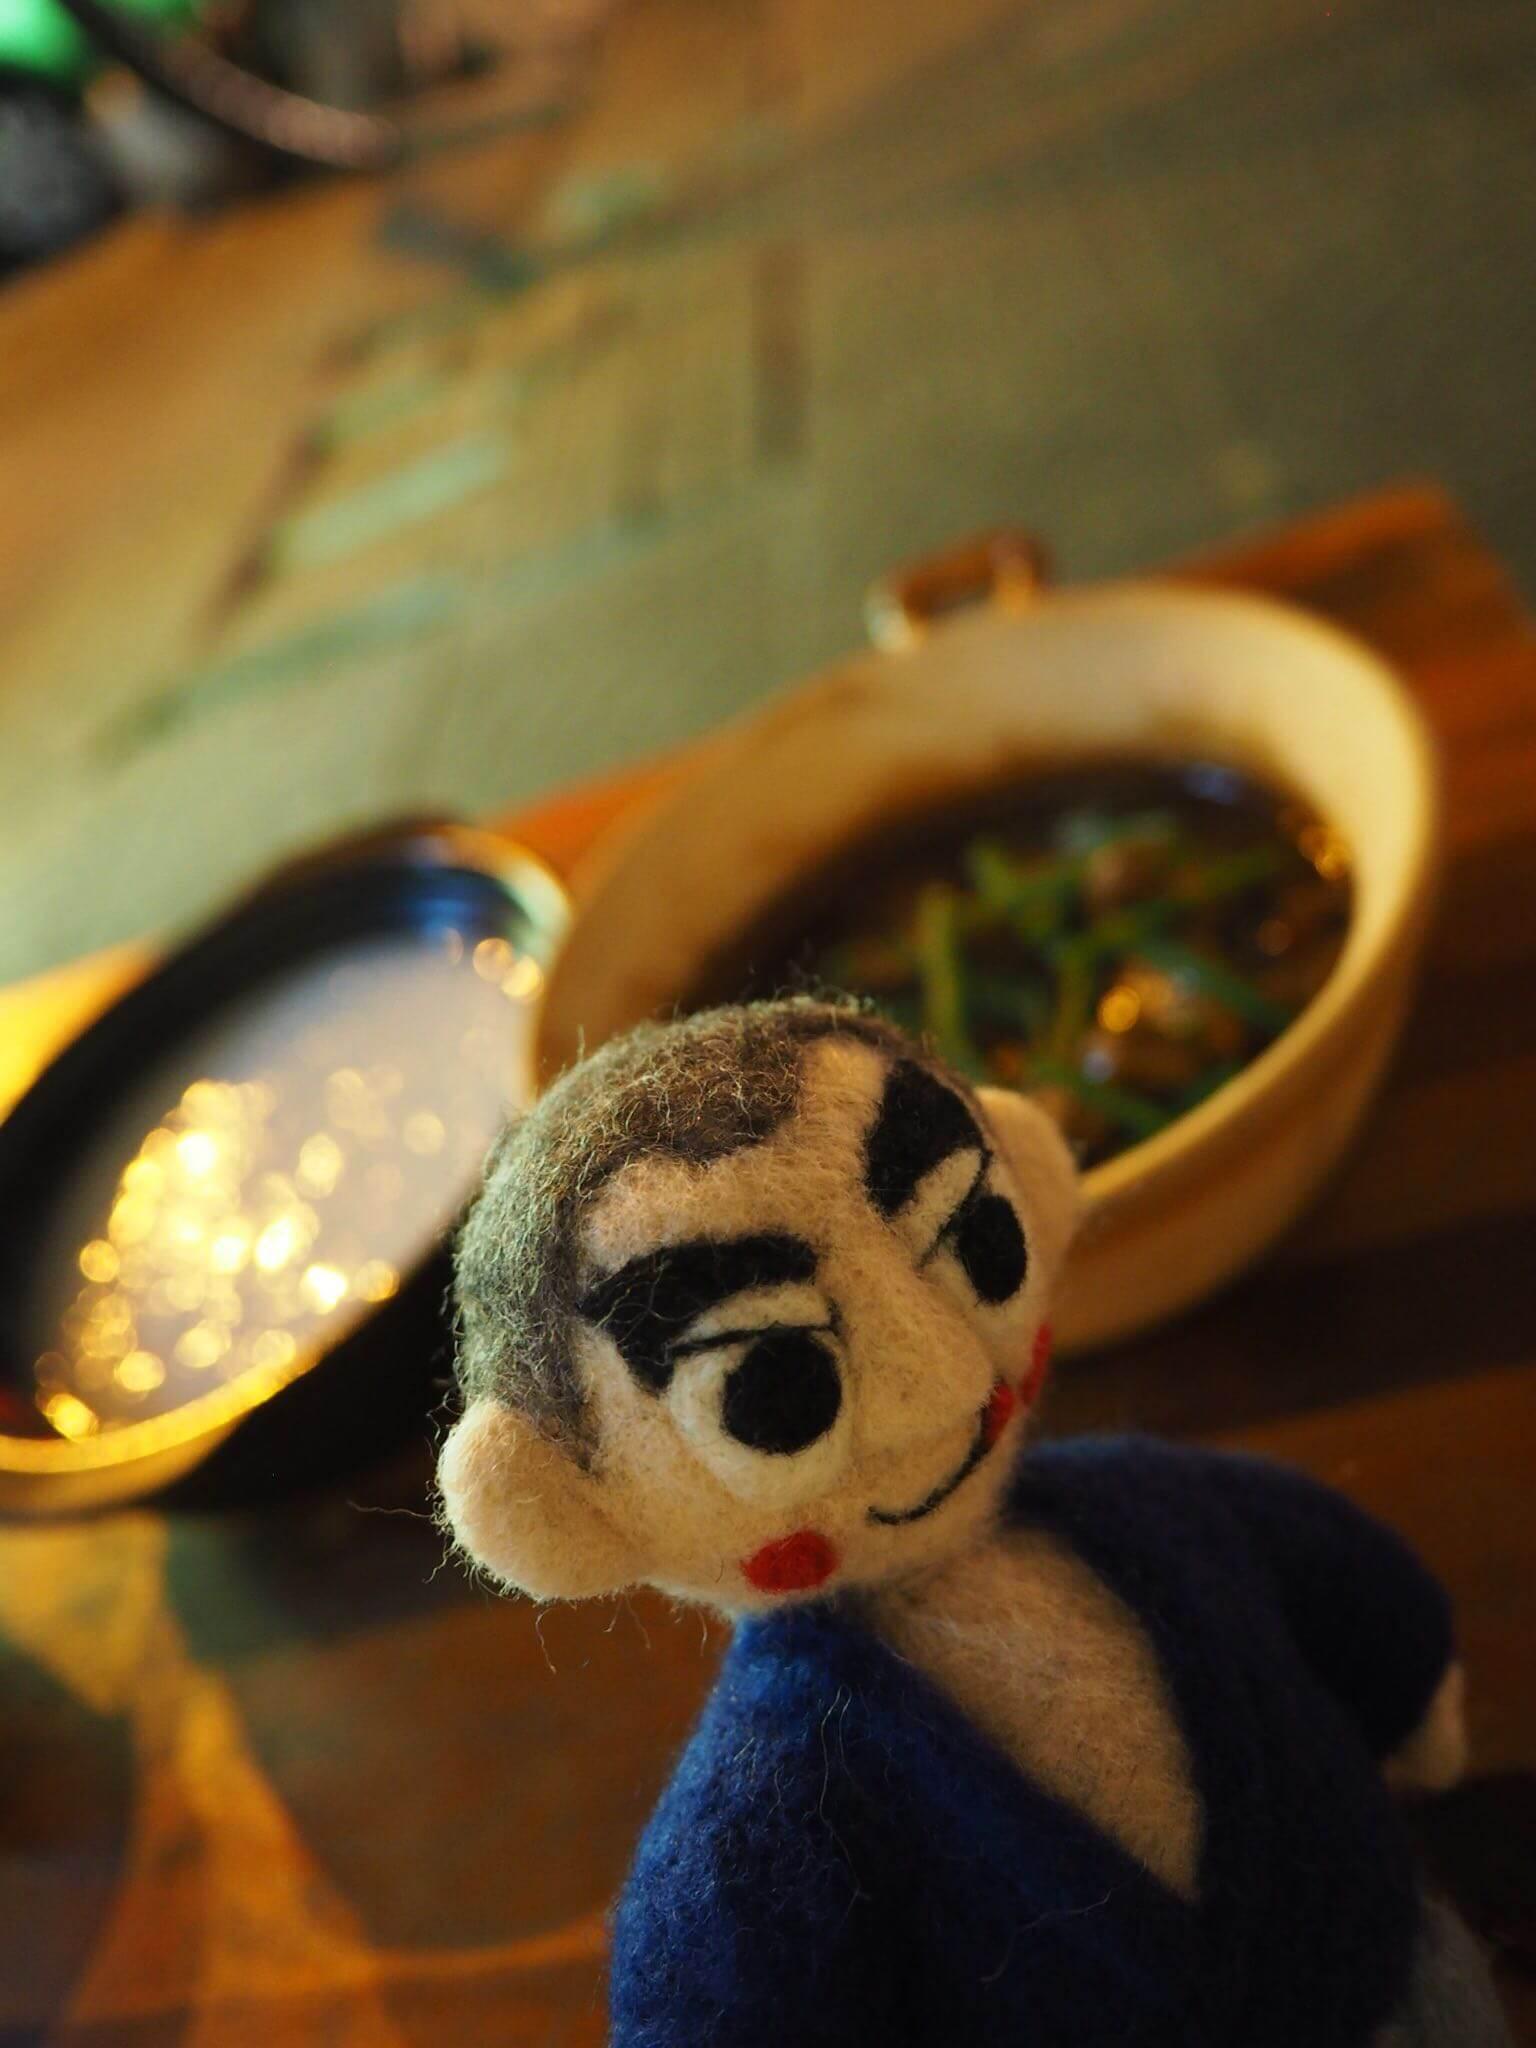 ベトナムに来た時は細心の注意を!意図せずしてカエルを二回も食べたお話